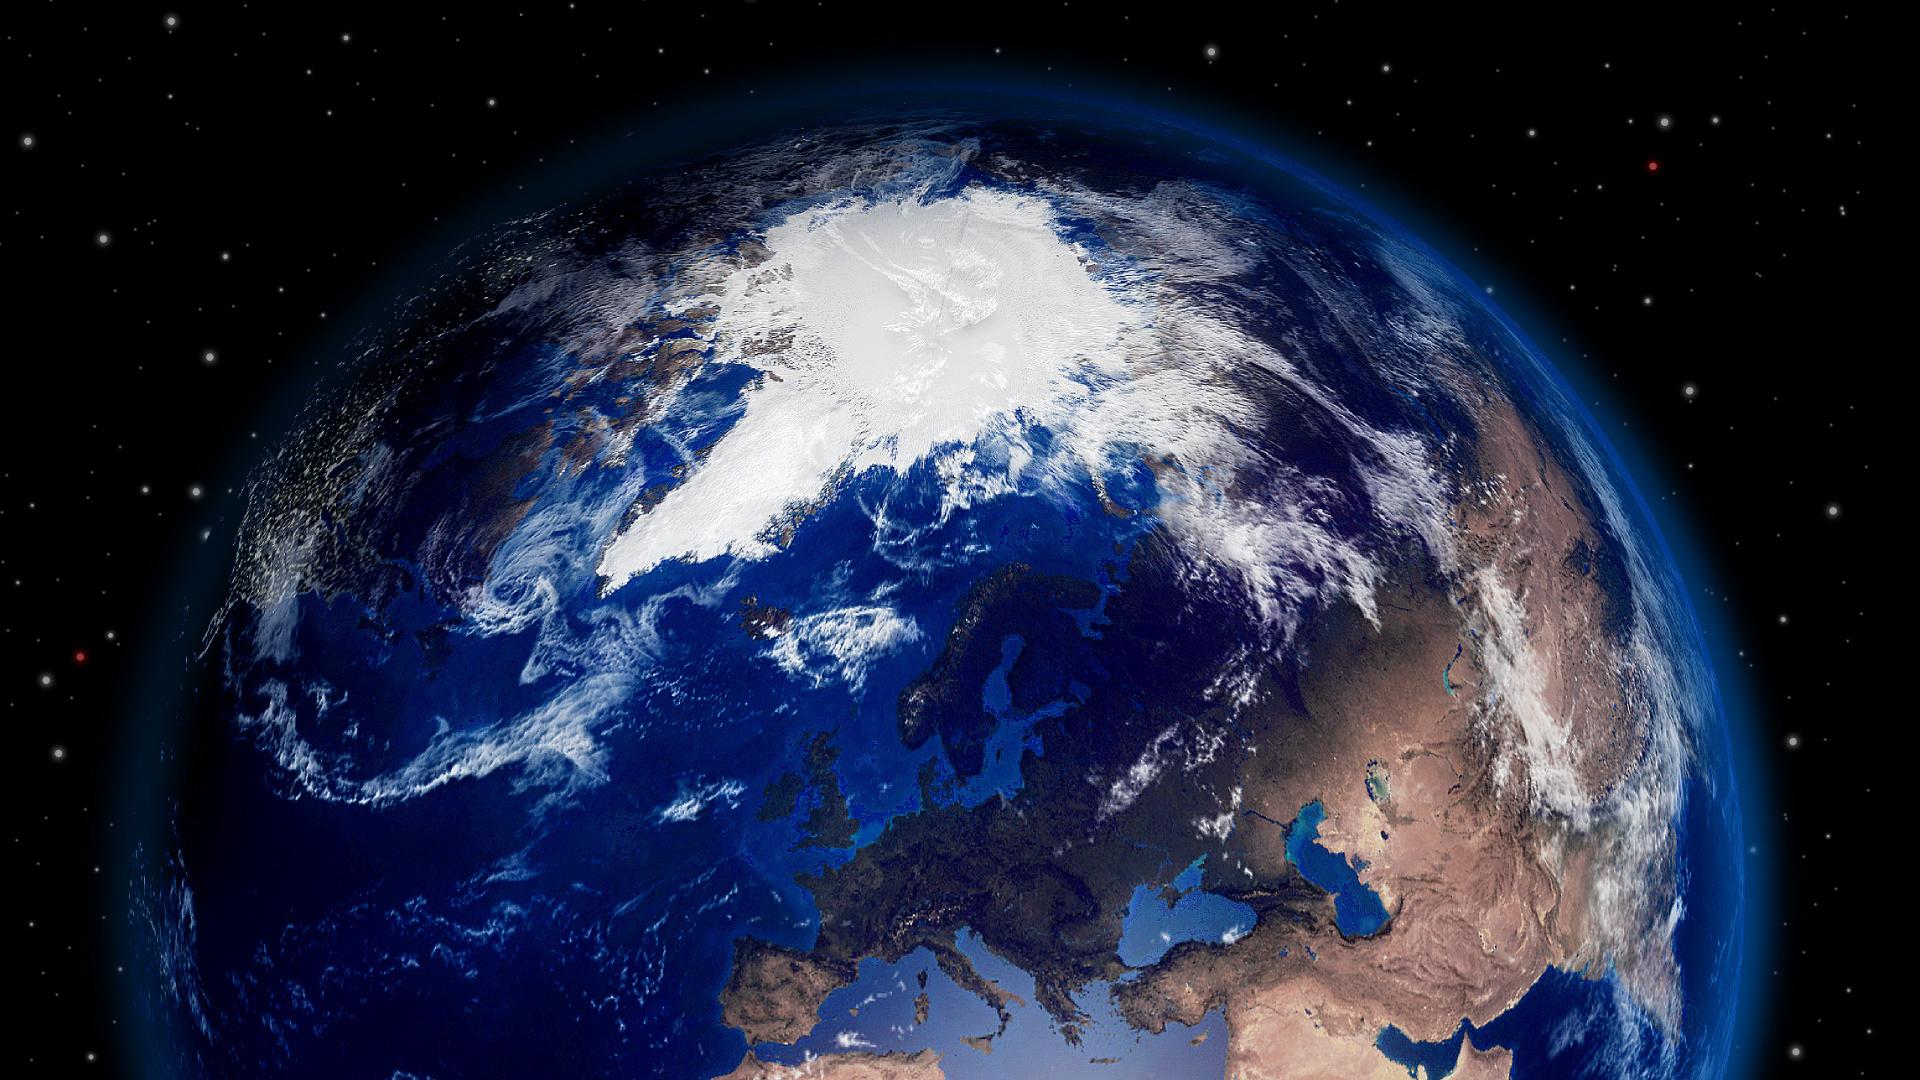 фото земного шара из космоса высокого разрешения смастерить кукурузы